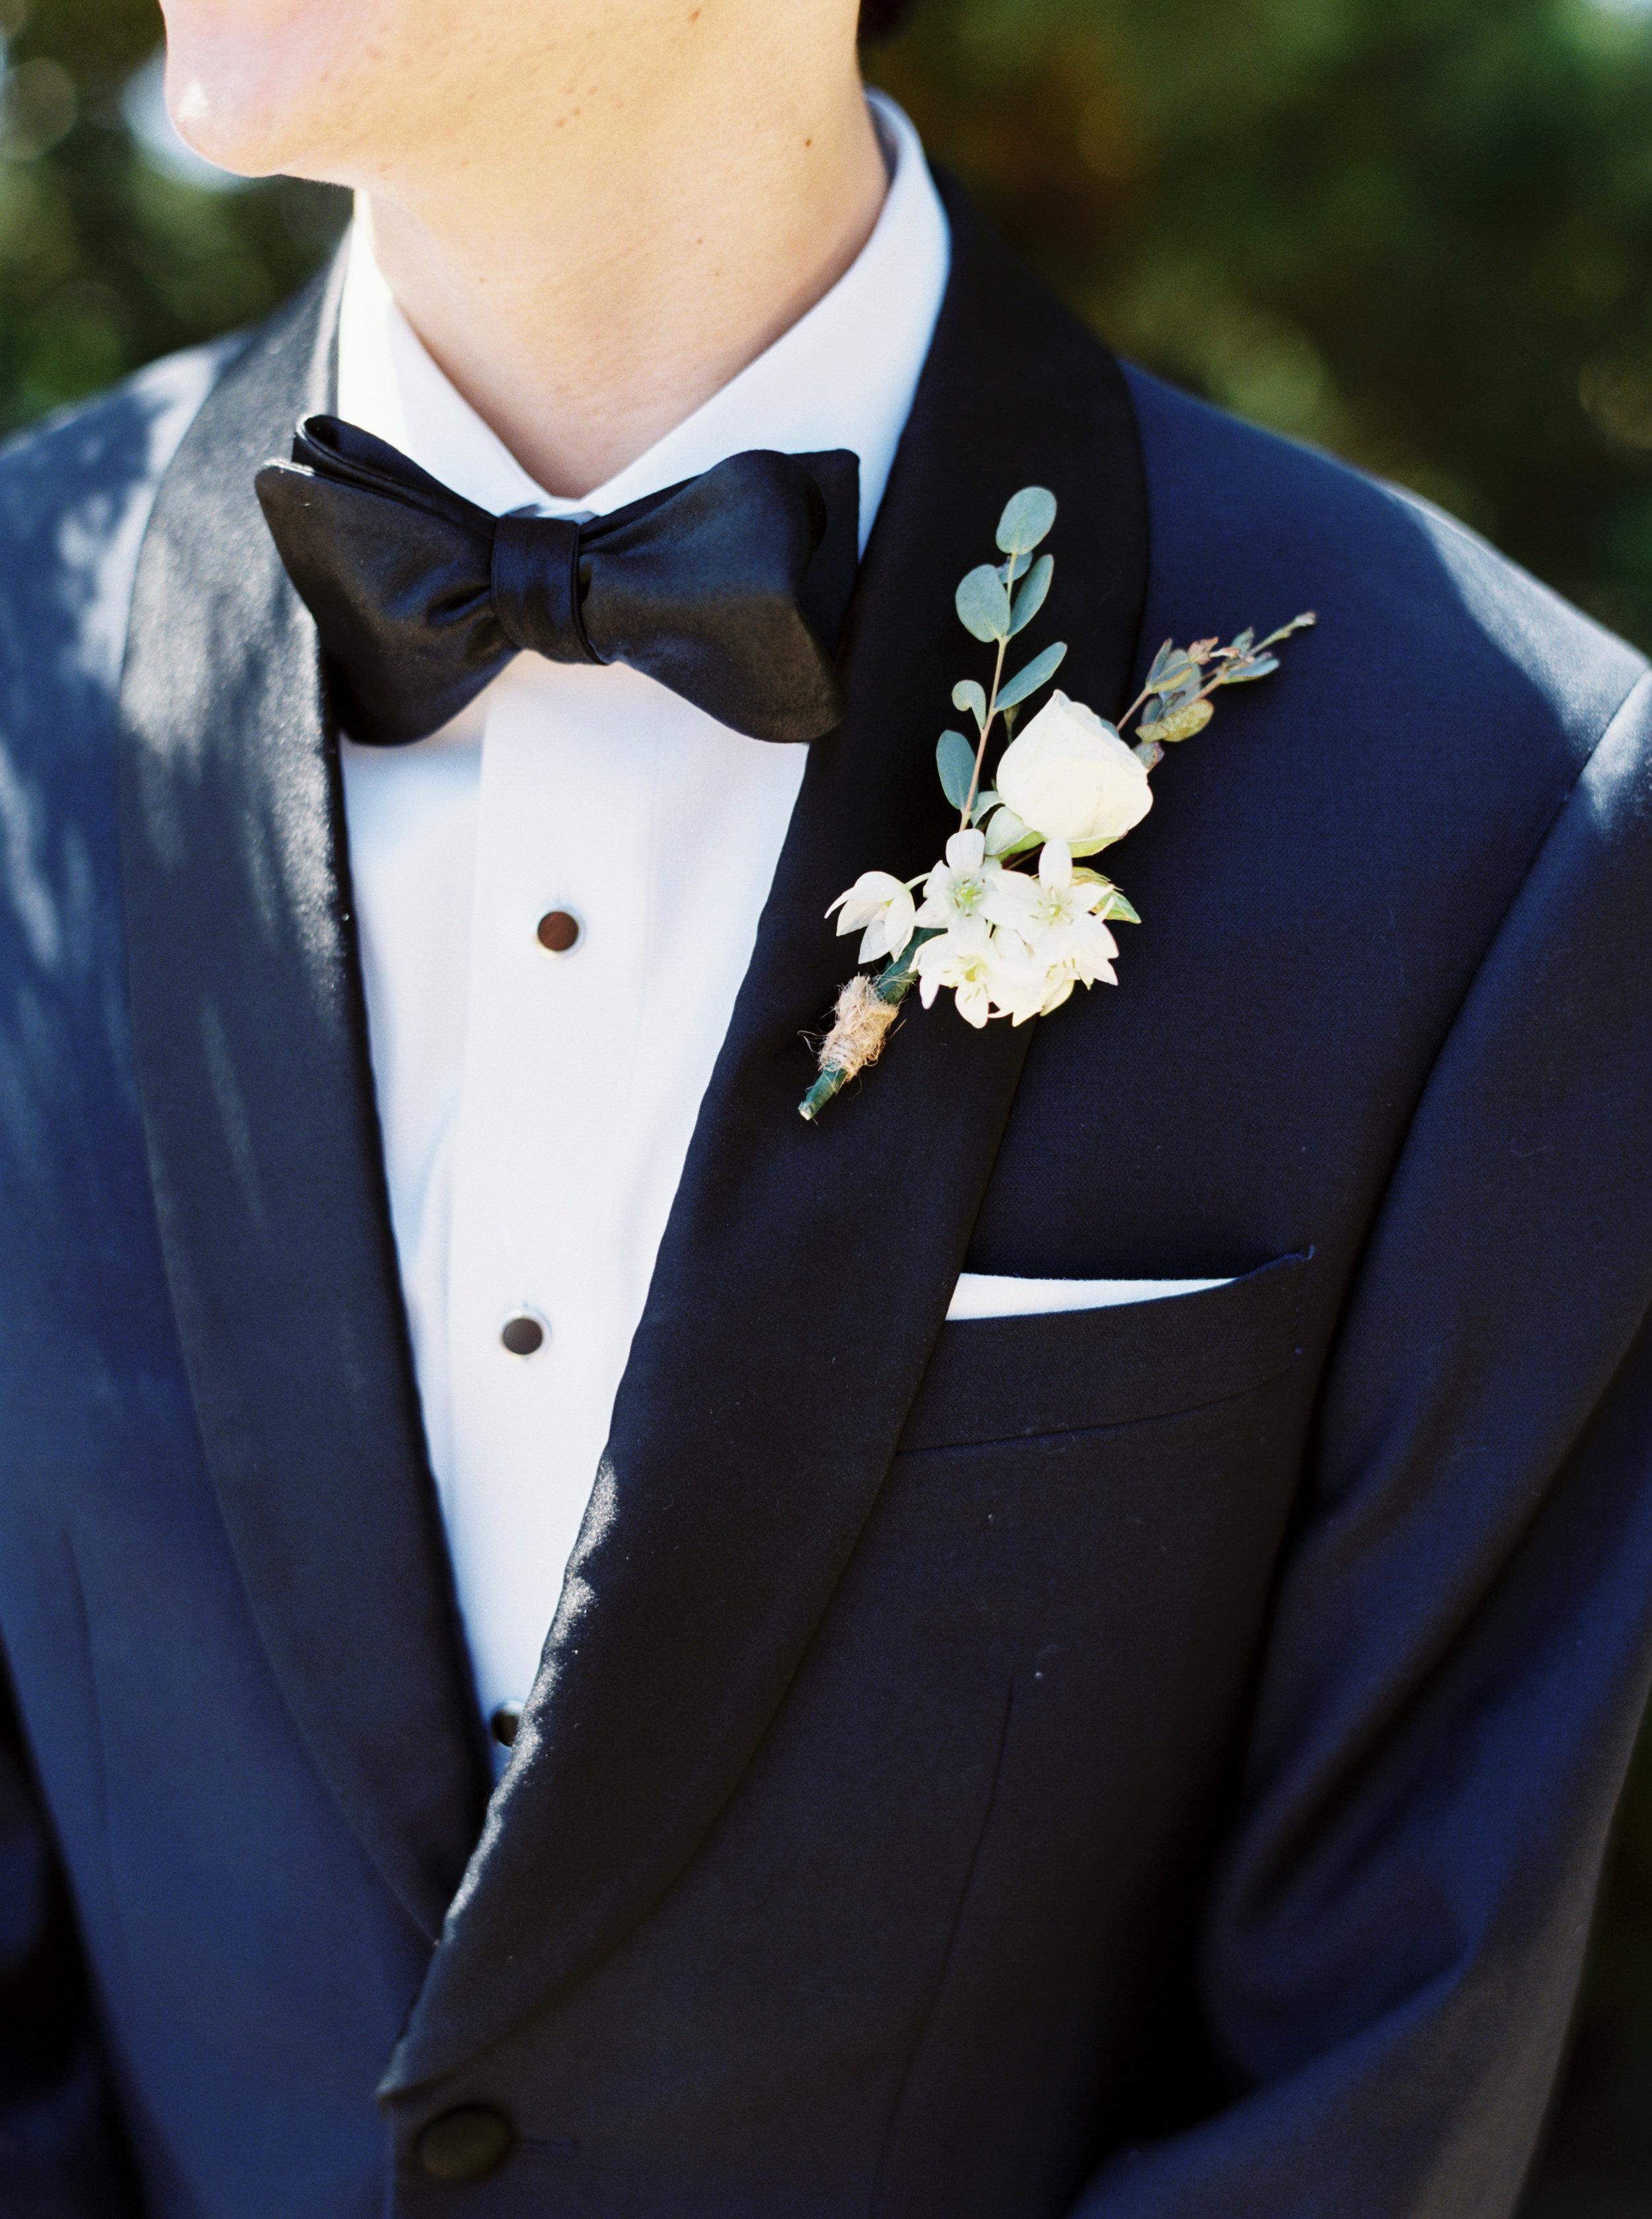 carmel-wedding-at-wedgewood-carmel-california-52.jpg